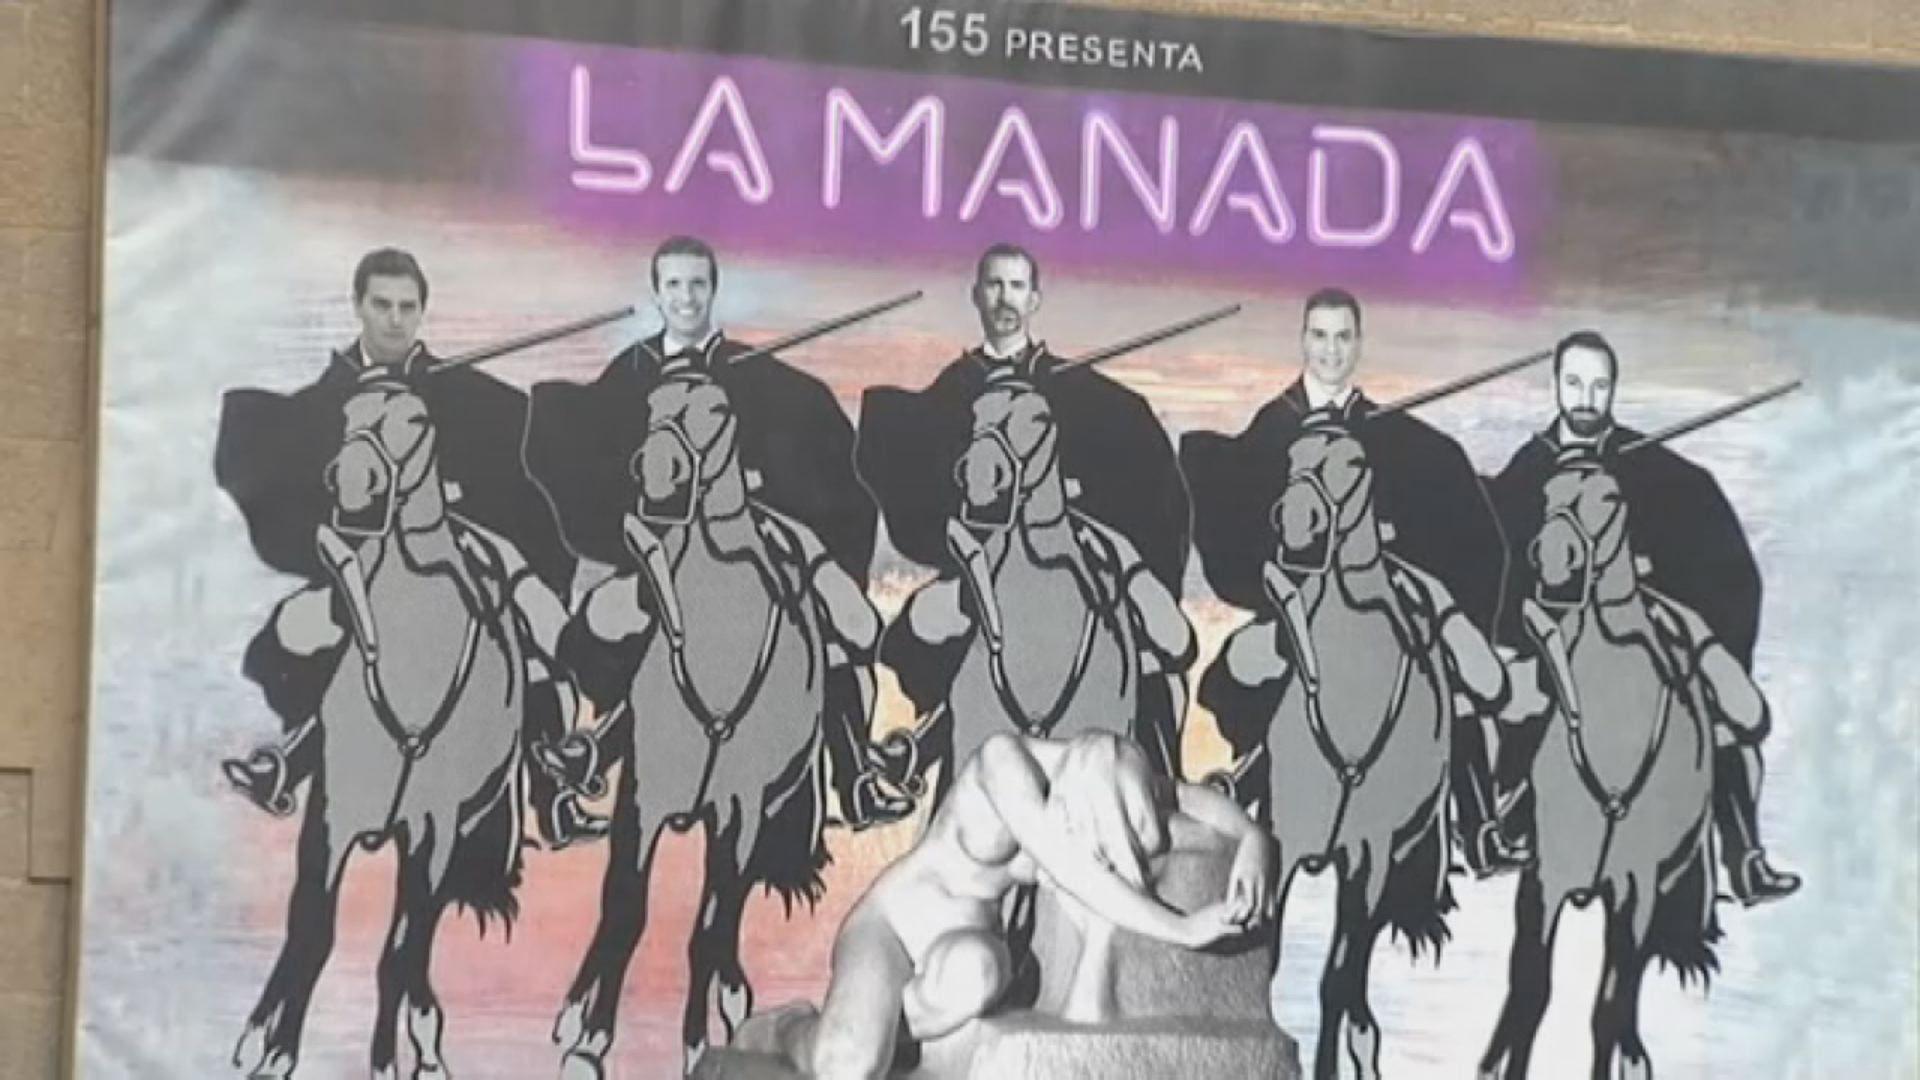 Polémico mural en Olot: compara a los líderes políticos con «La Manada».Ana Pastor, en una imagen de archivo